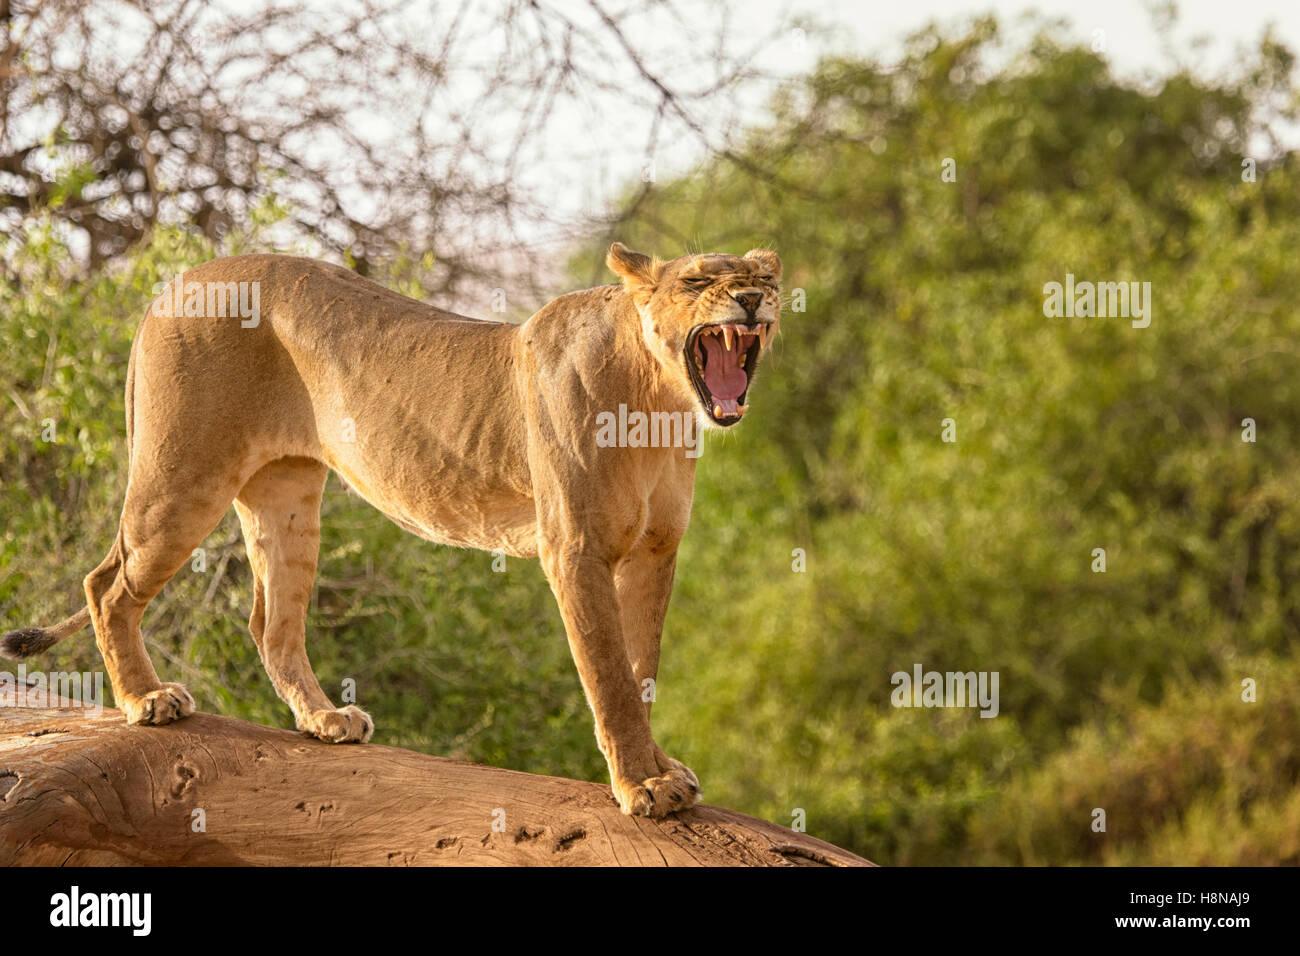 Full Body profile view of an adult  Samburu Lion, Panthera leo, yawning, Buffalo National Reserve Northern Kenya, Stock Photo